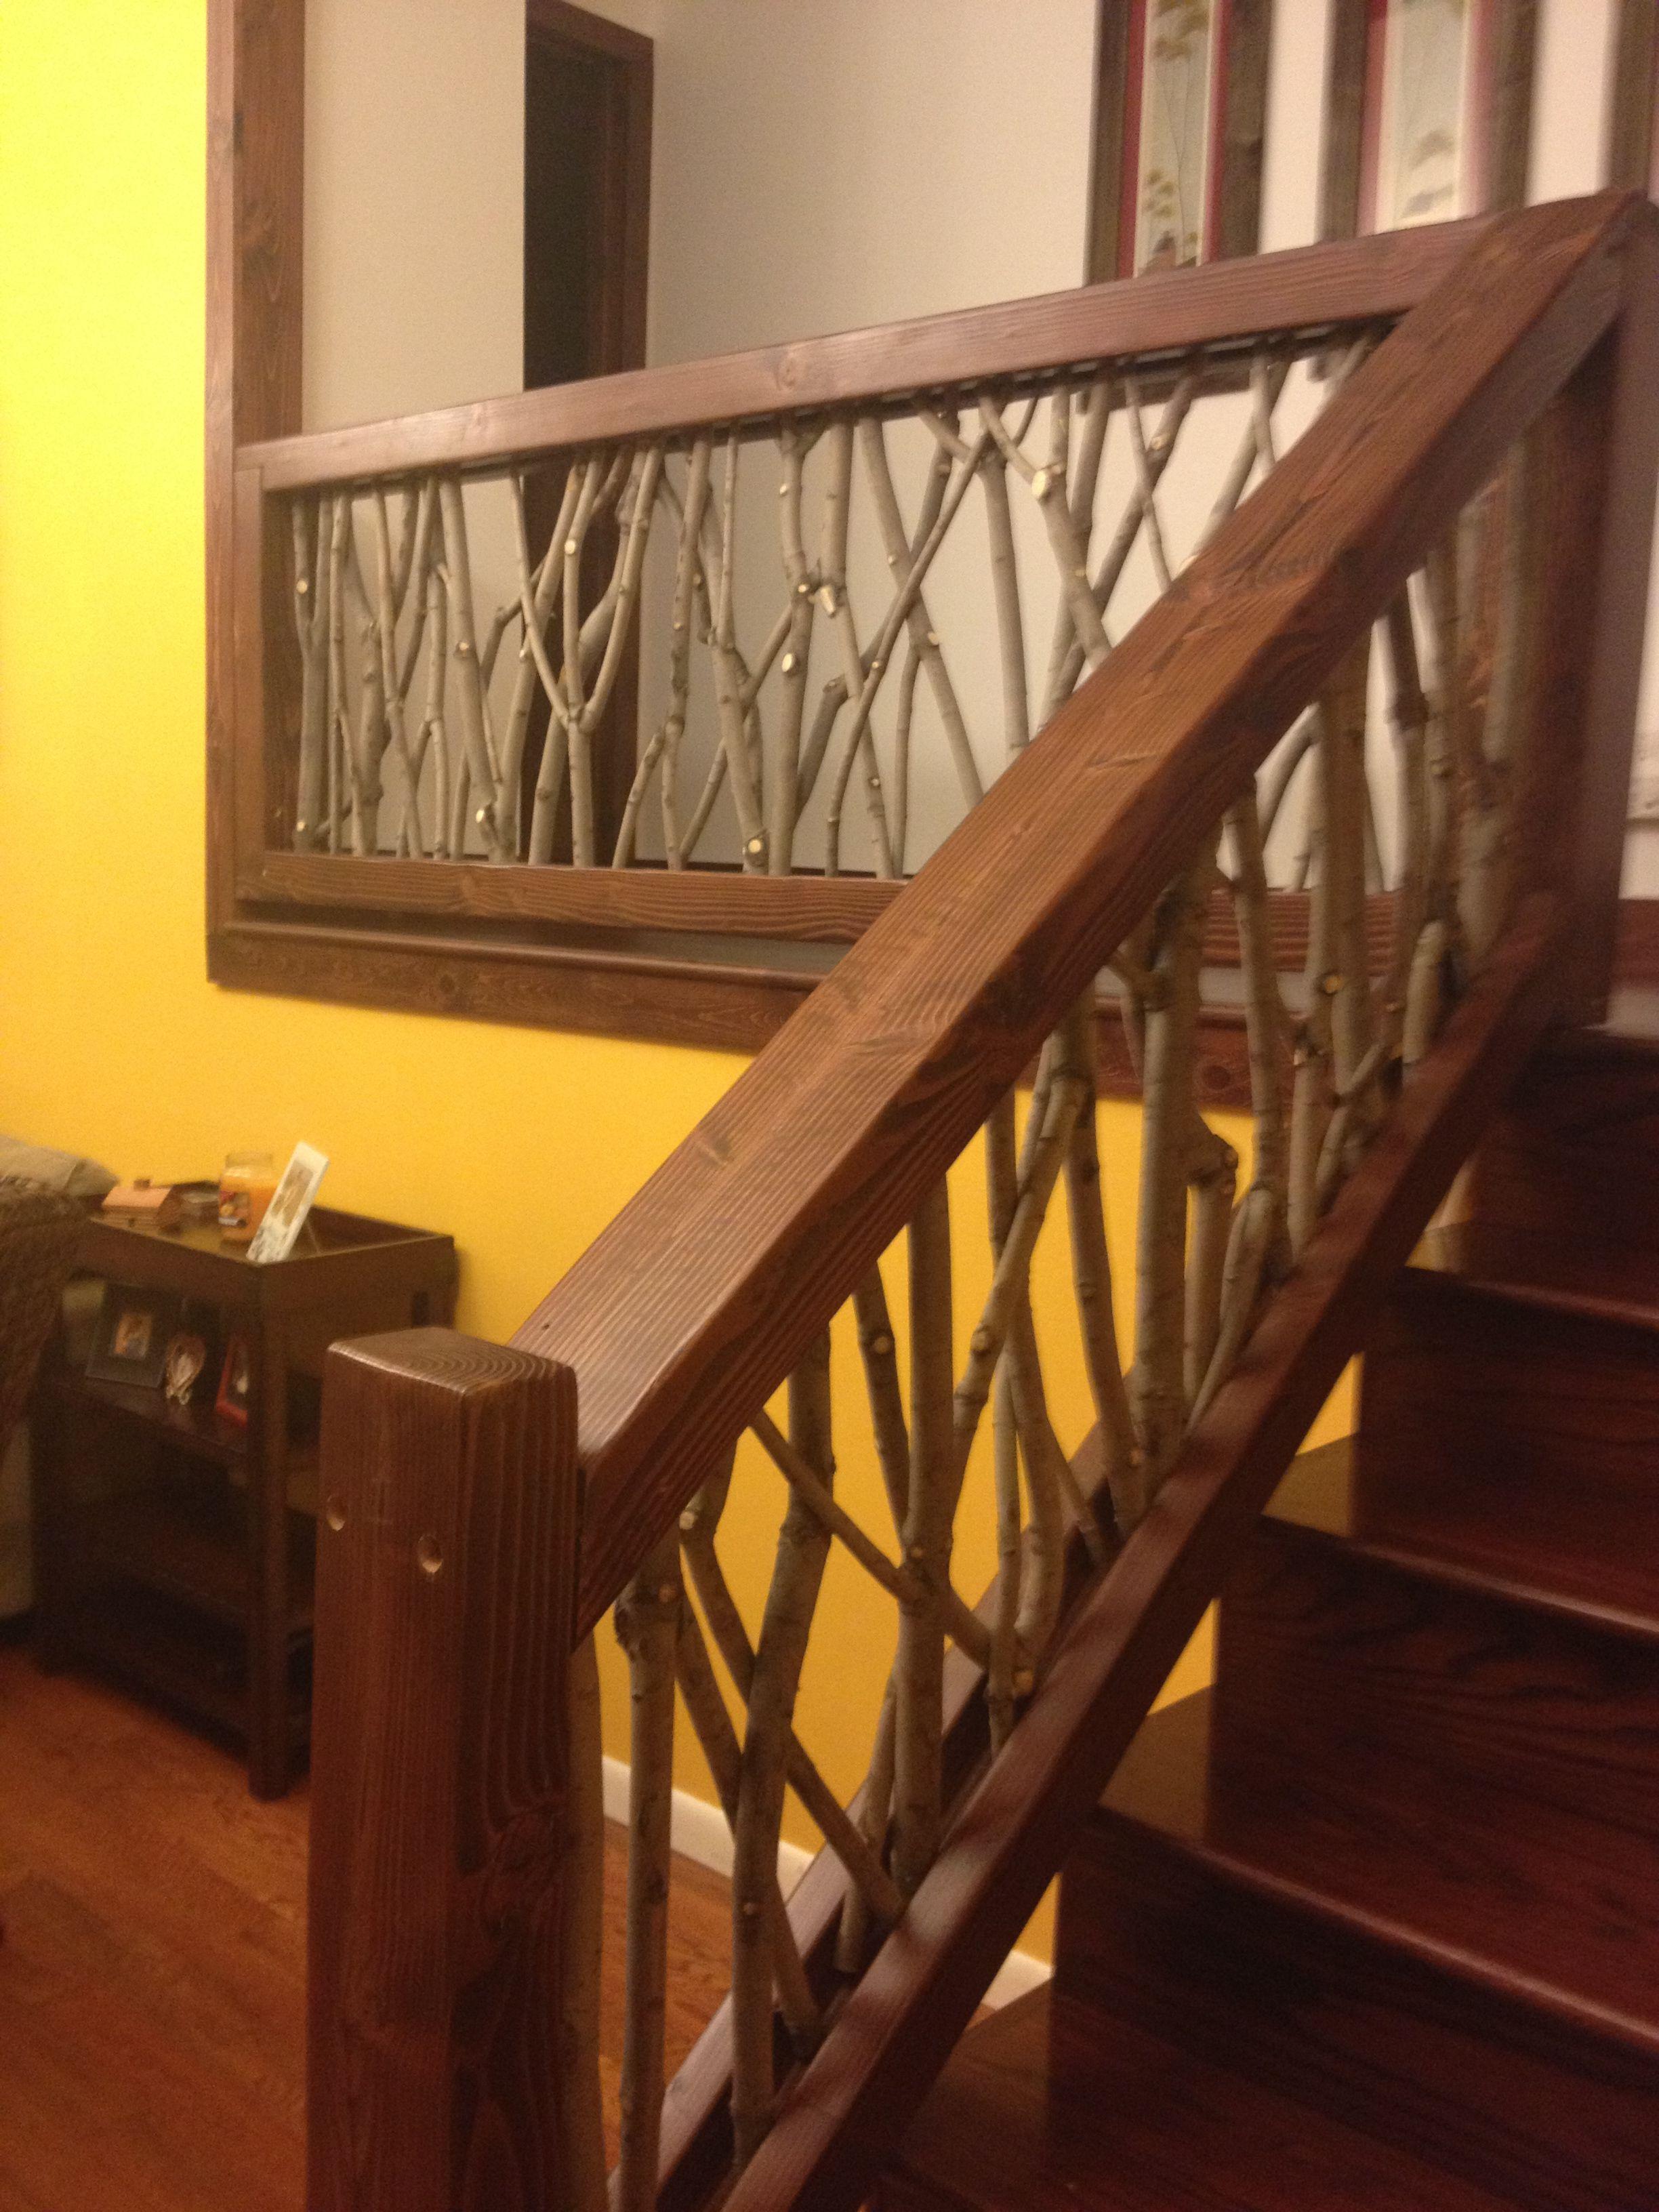 Best I Love This Handmade Tree Limb Stair Rail It Is Beautiful 400 x 300